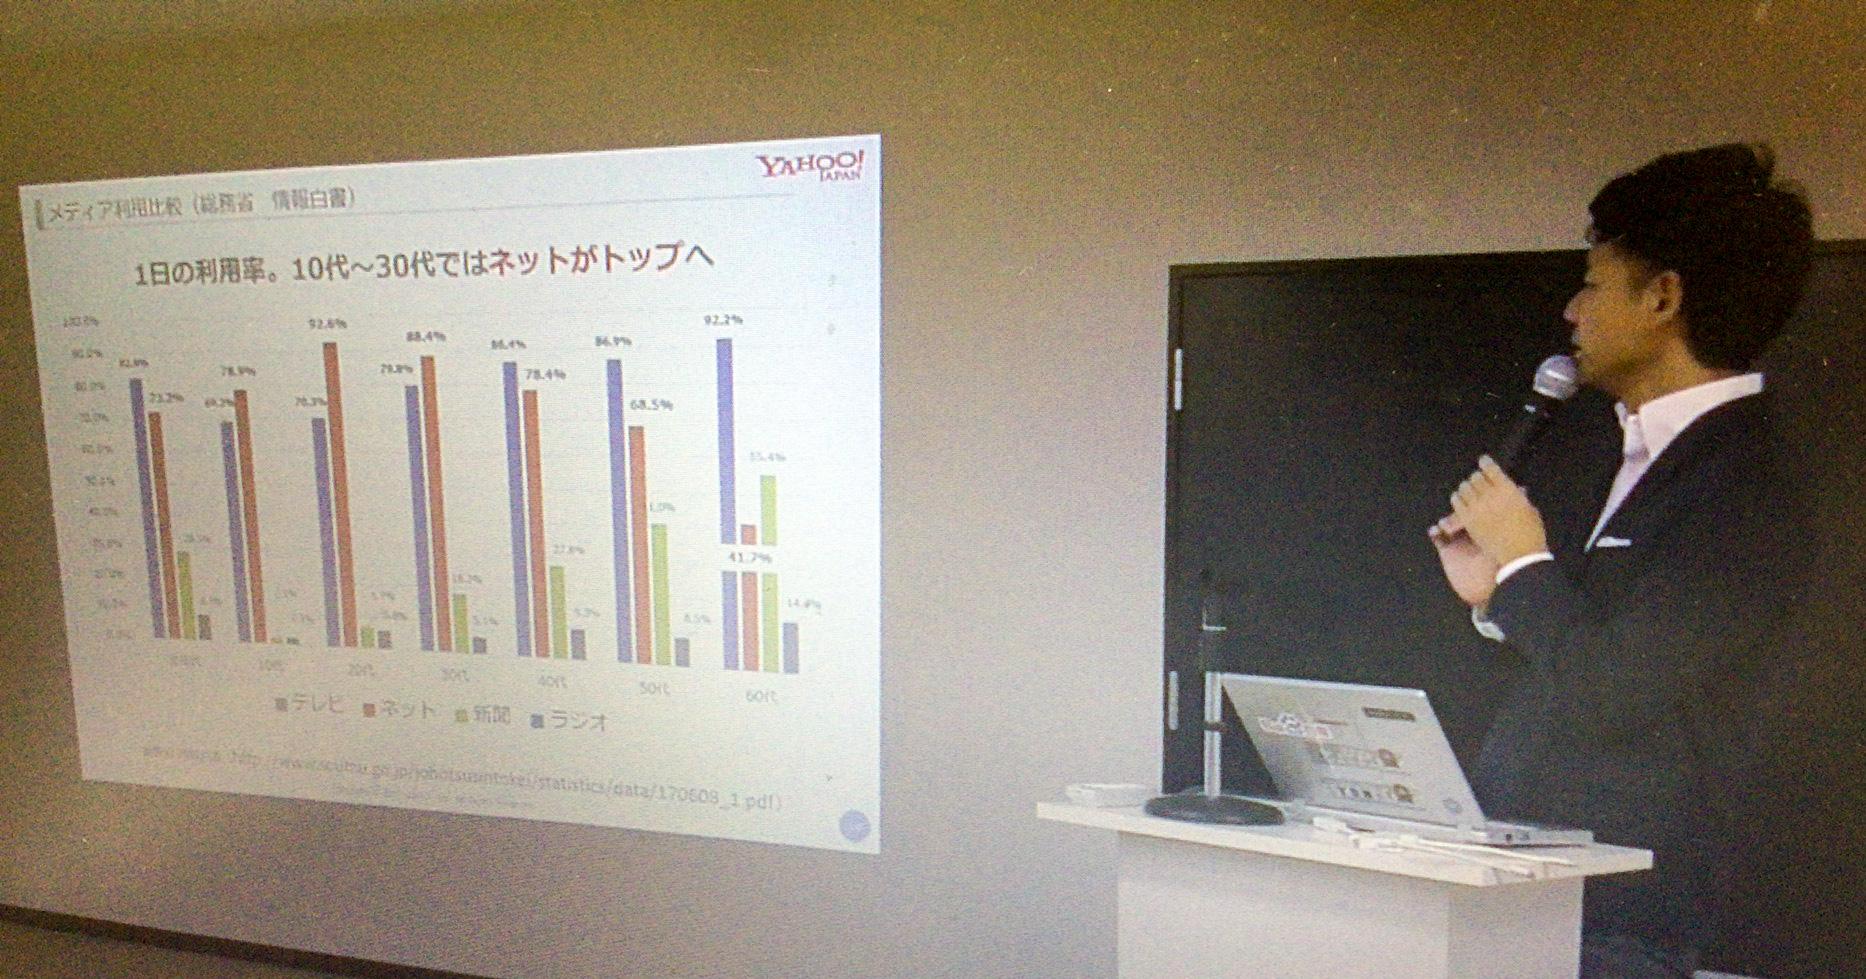 福岡市中央区でウェブ集客セミナー開催の様子